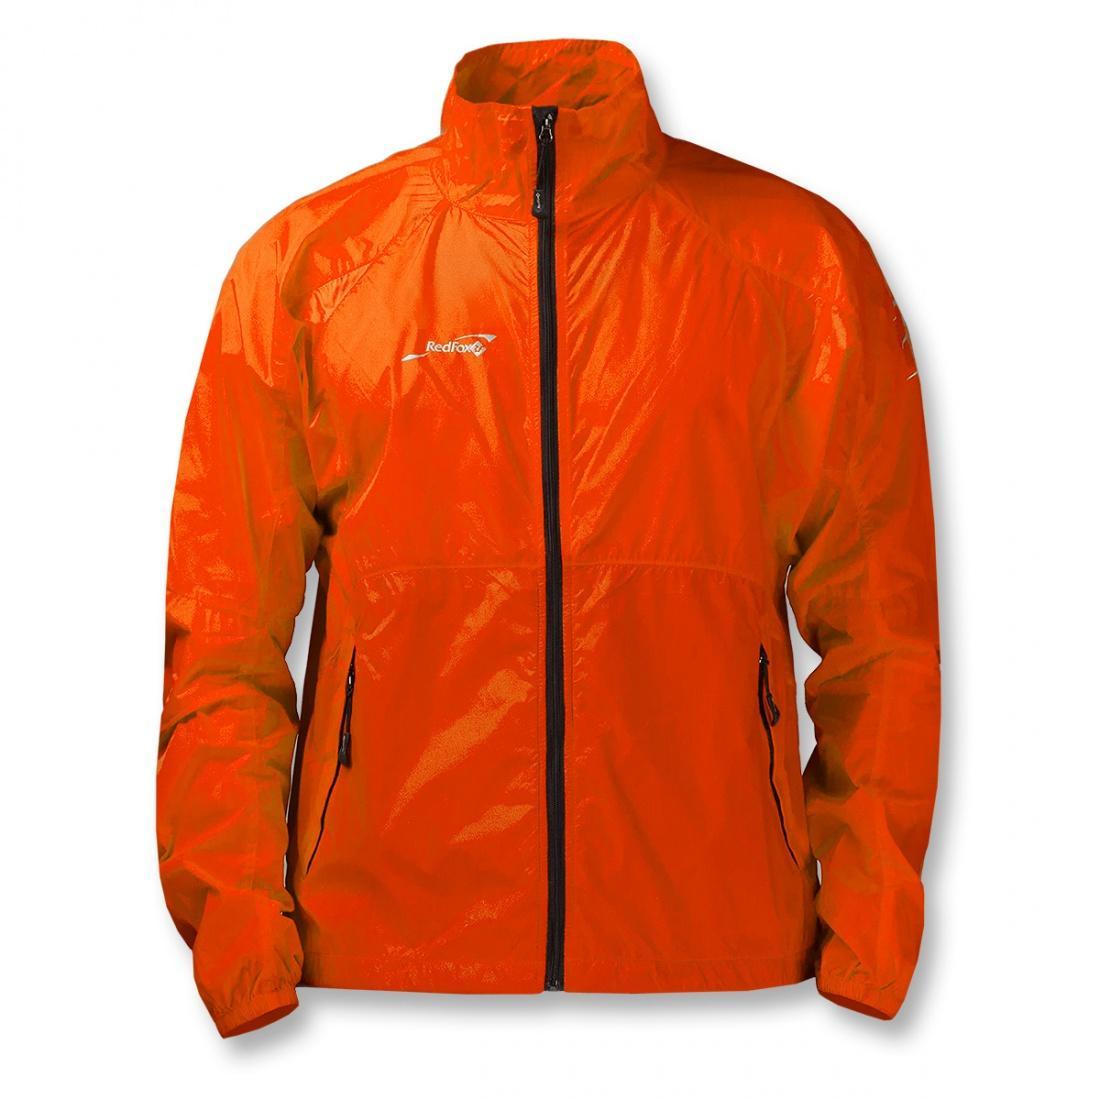 Куртка ветрозащитная Trek Light IIКуртки<br><br> Очень легкая куртка для мультиспортсменов. Отлично сочетает в себе функции защиты от ветра и максимальной свободы движений. Куртку можно компактно упаковать в карман, расположенный на спине.<br><br><br> Особенности:<br><br><br>Два бо...<br><br>Цвет: Оранжевый<br>Размер: 54